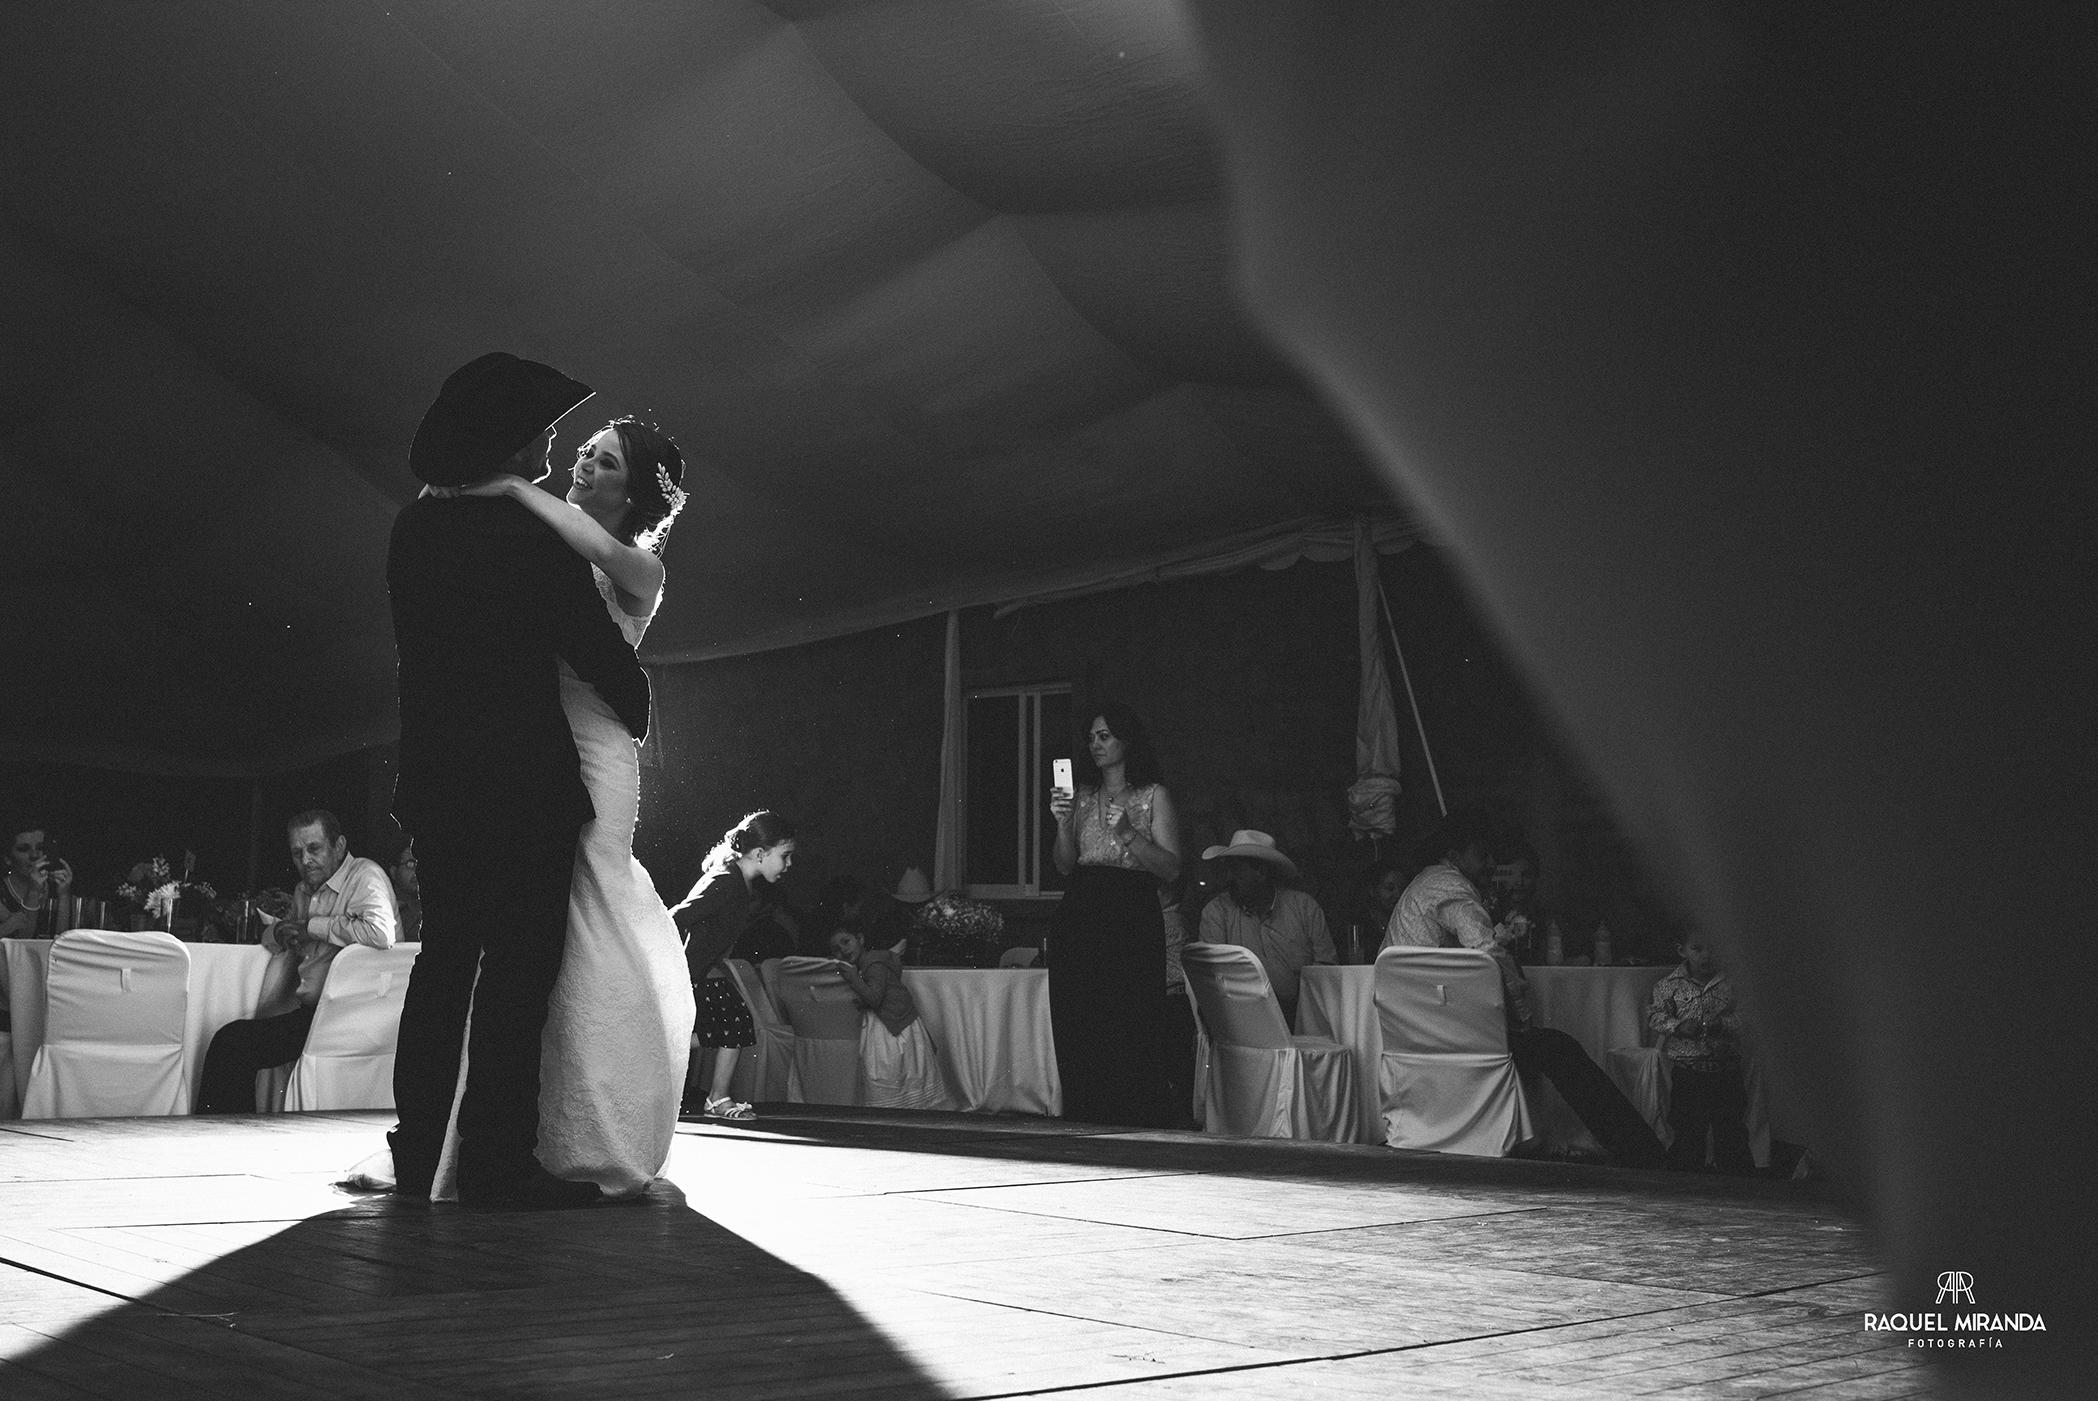 raquel miranda fotografía - wedding - edith&meño-13.jpg